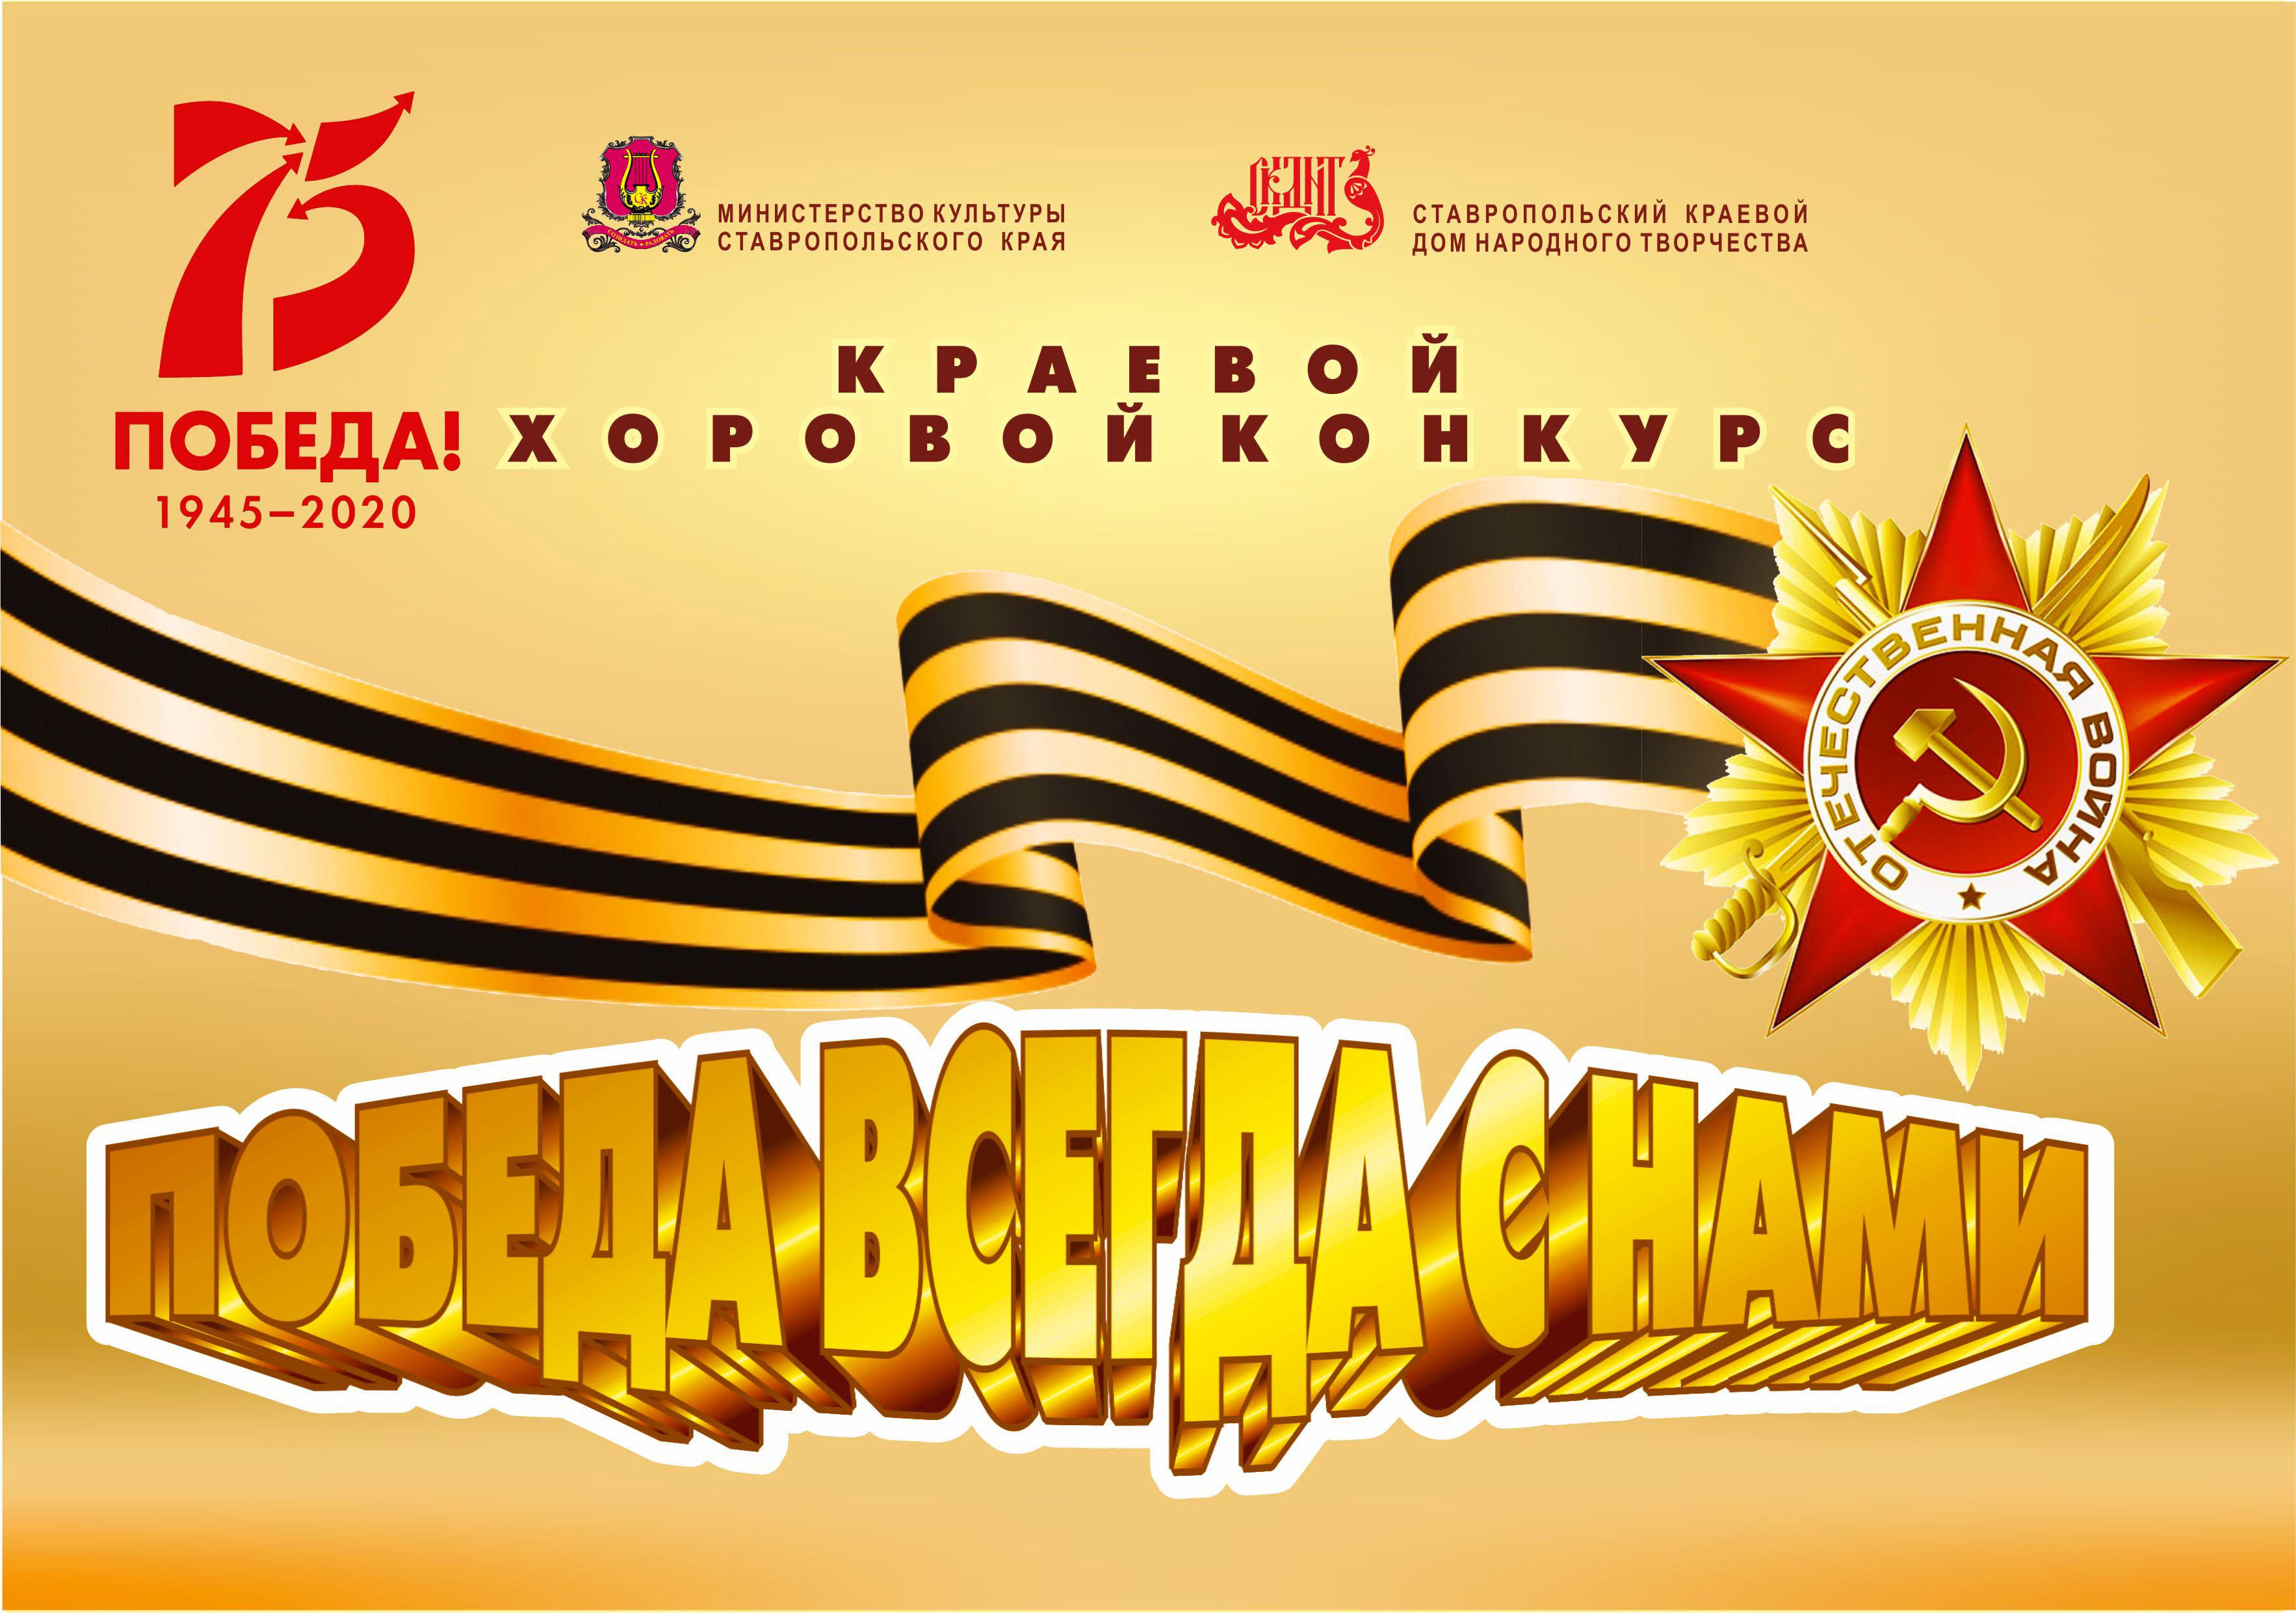 Подведены итоги краевого хорового конкурса «Победа всегда с нами»